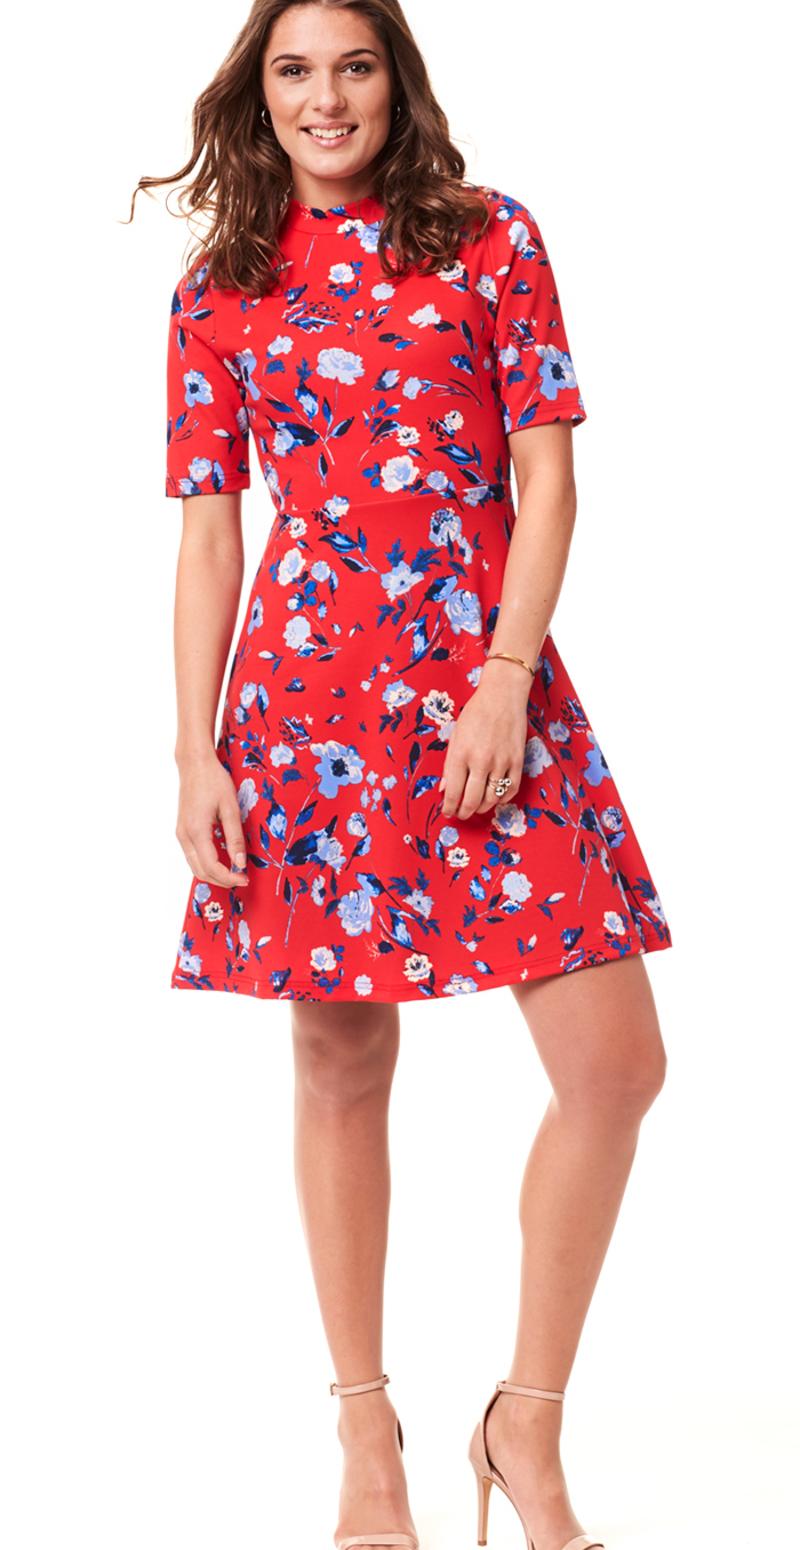 rød kjole med blå blomster